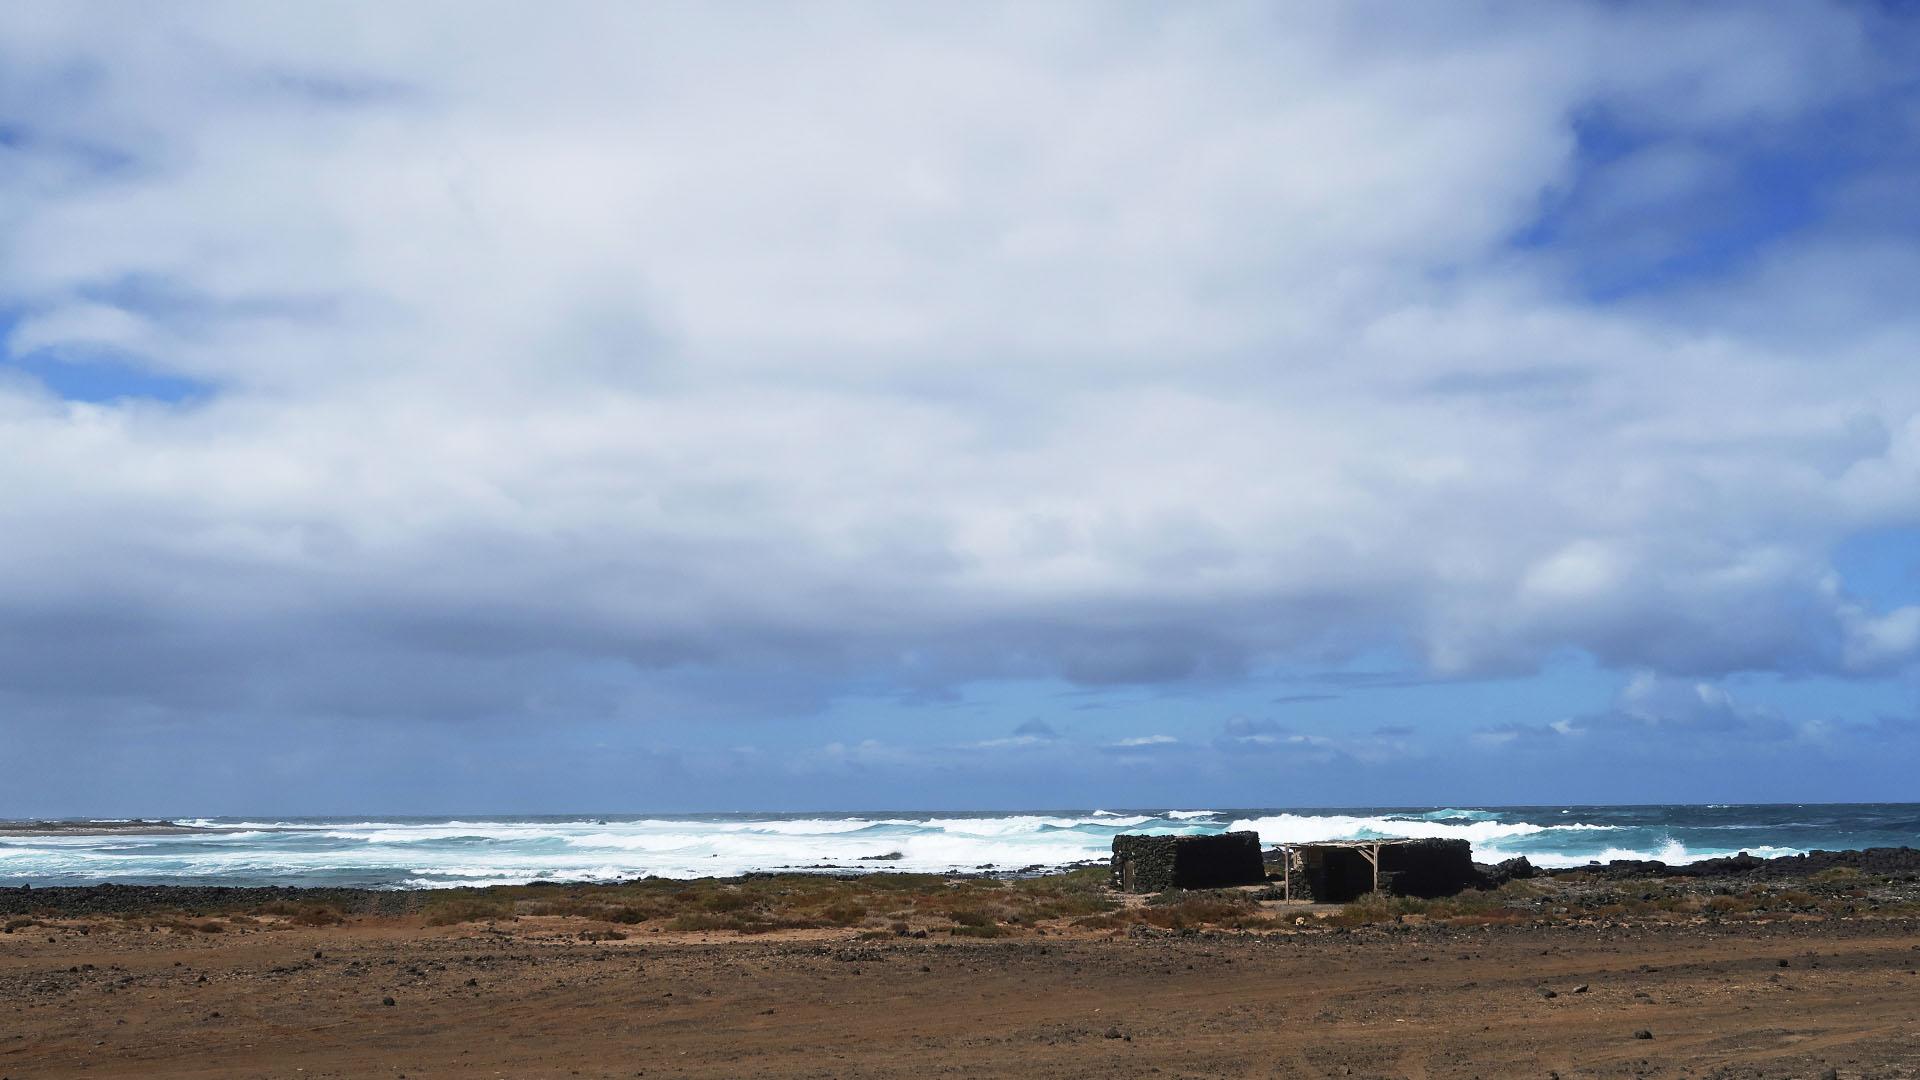 Die Strände im Norden von Fuerteventura – Caleta de Salinas.